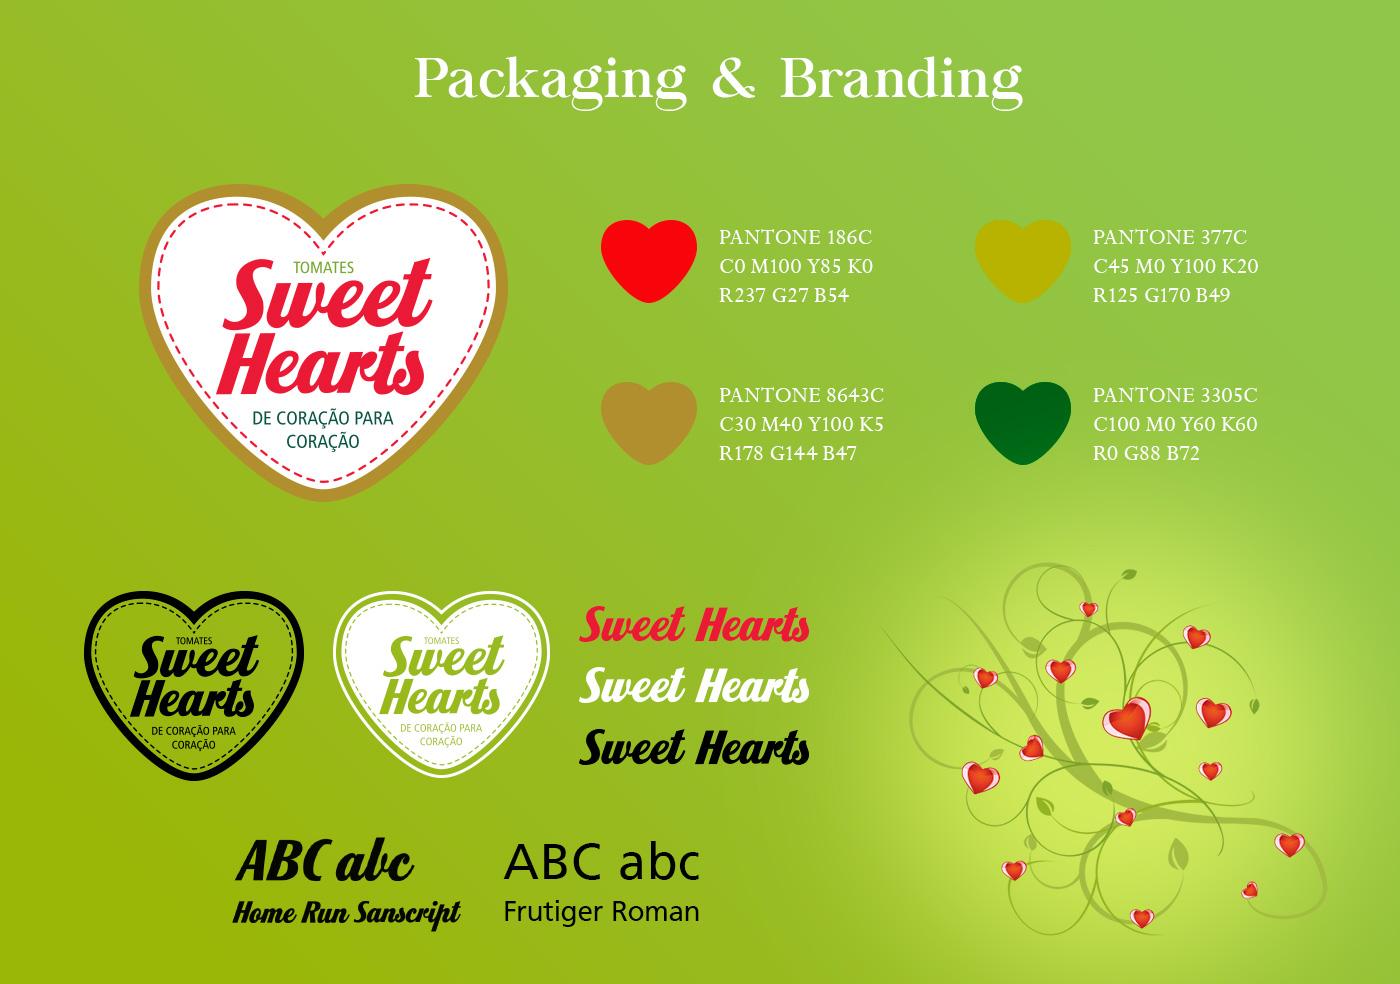 criação de manual de marca para produto agricola